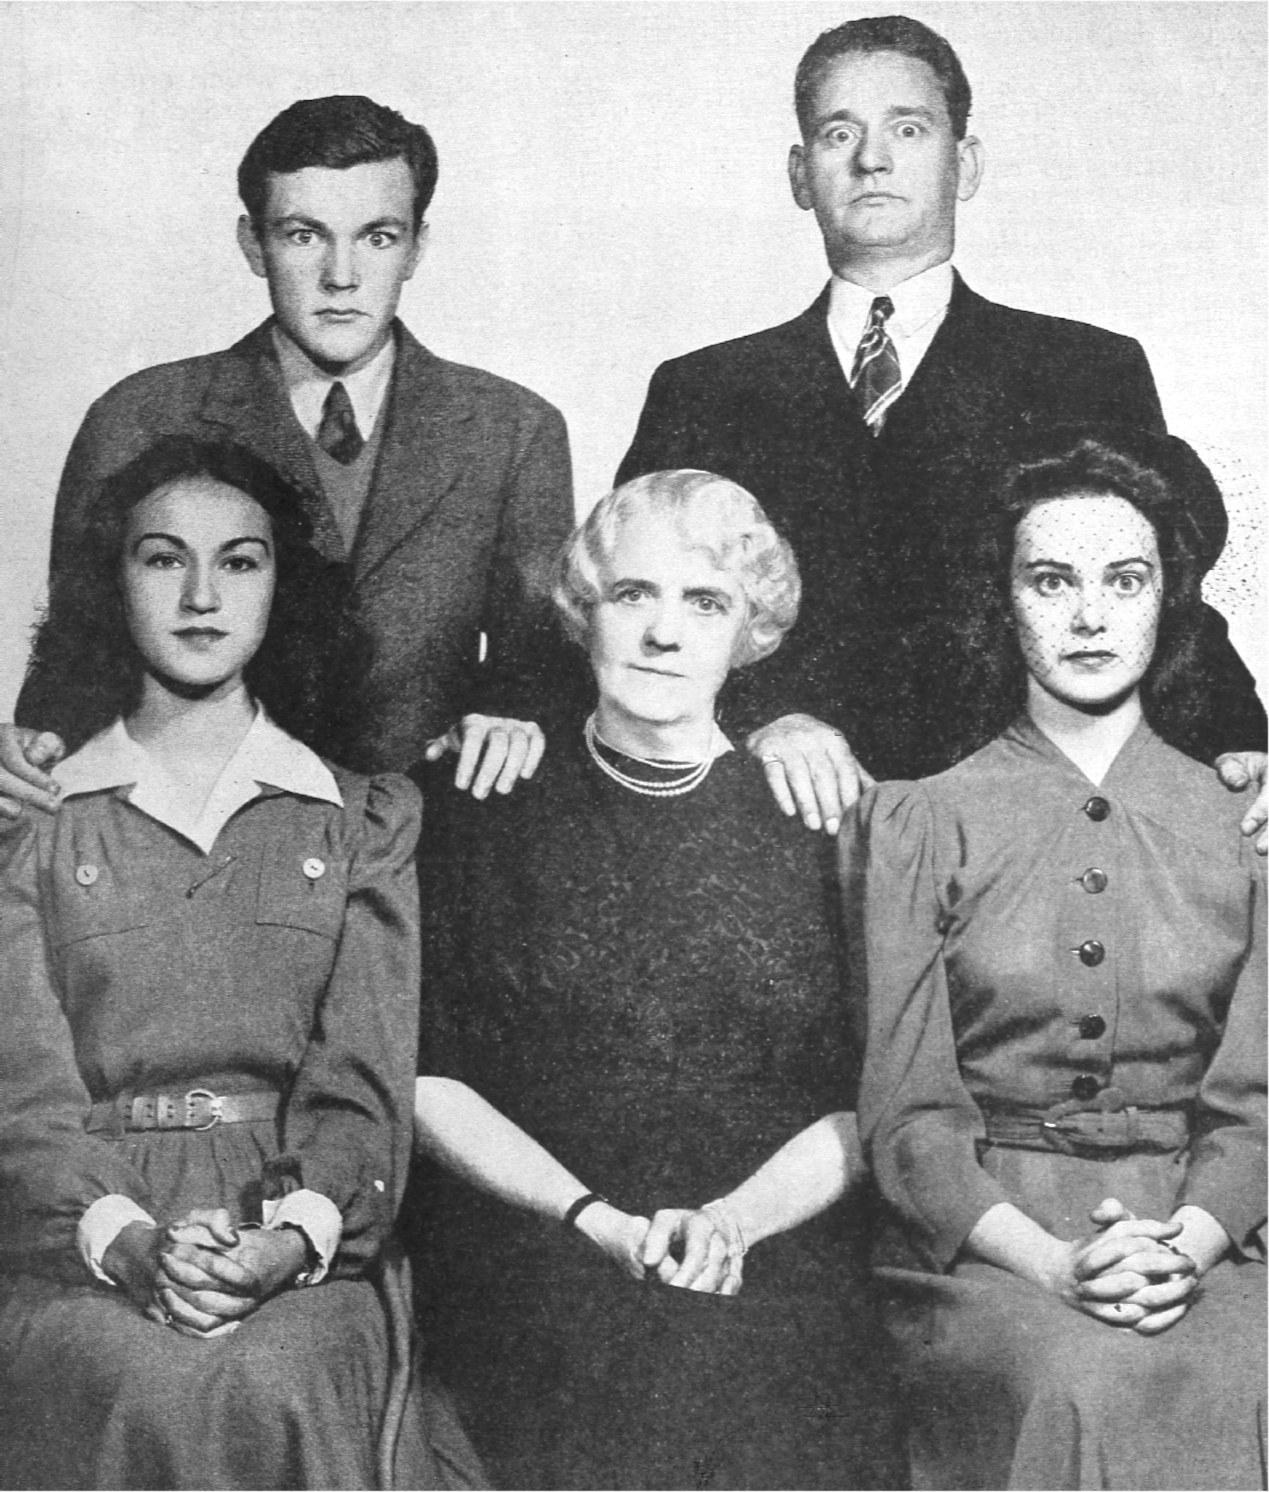 File:The O'Neill family January 1941.jpg